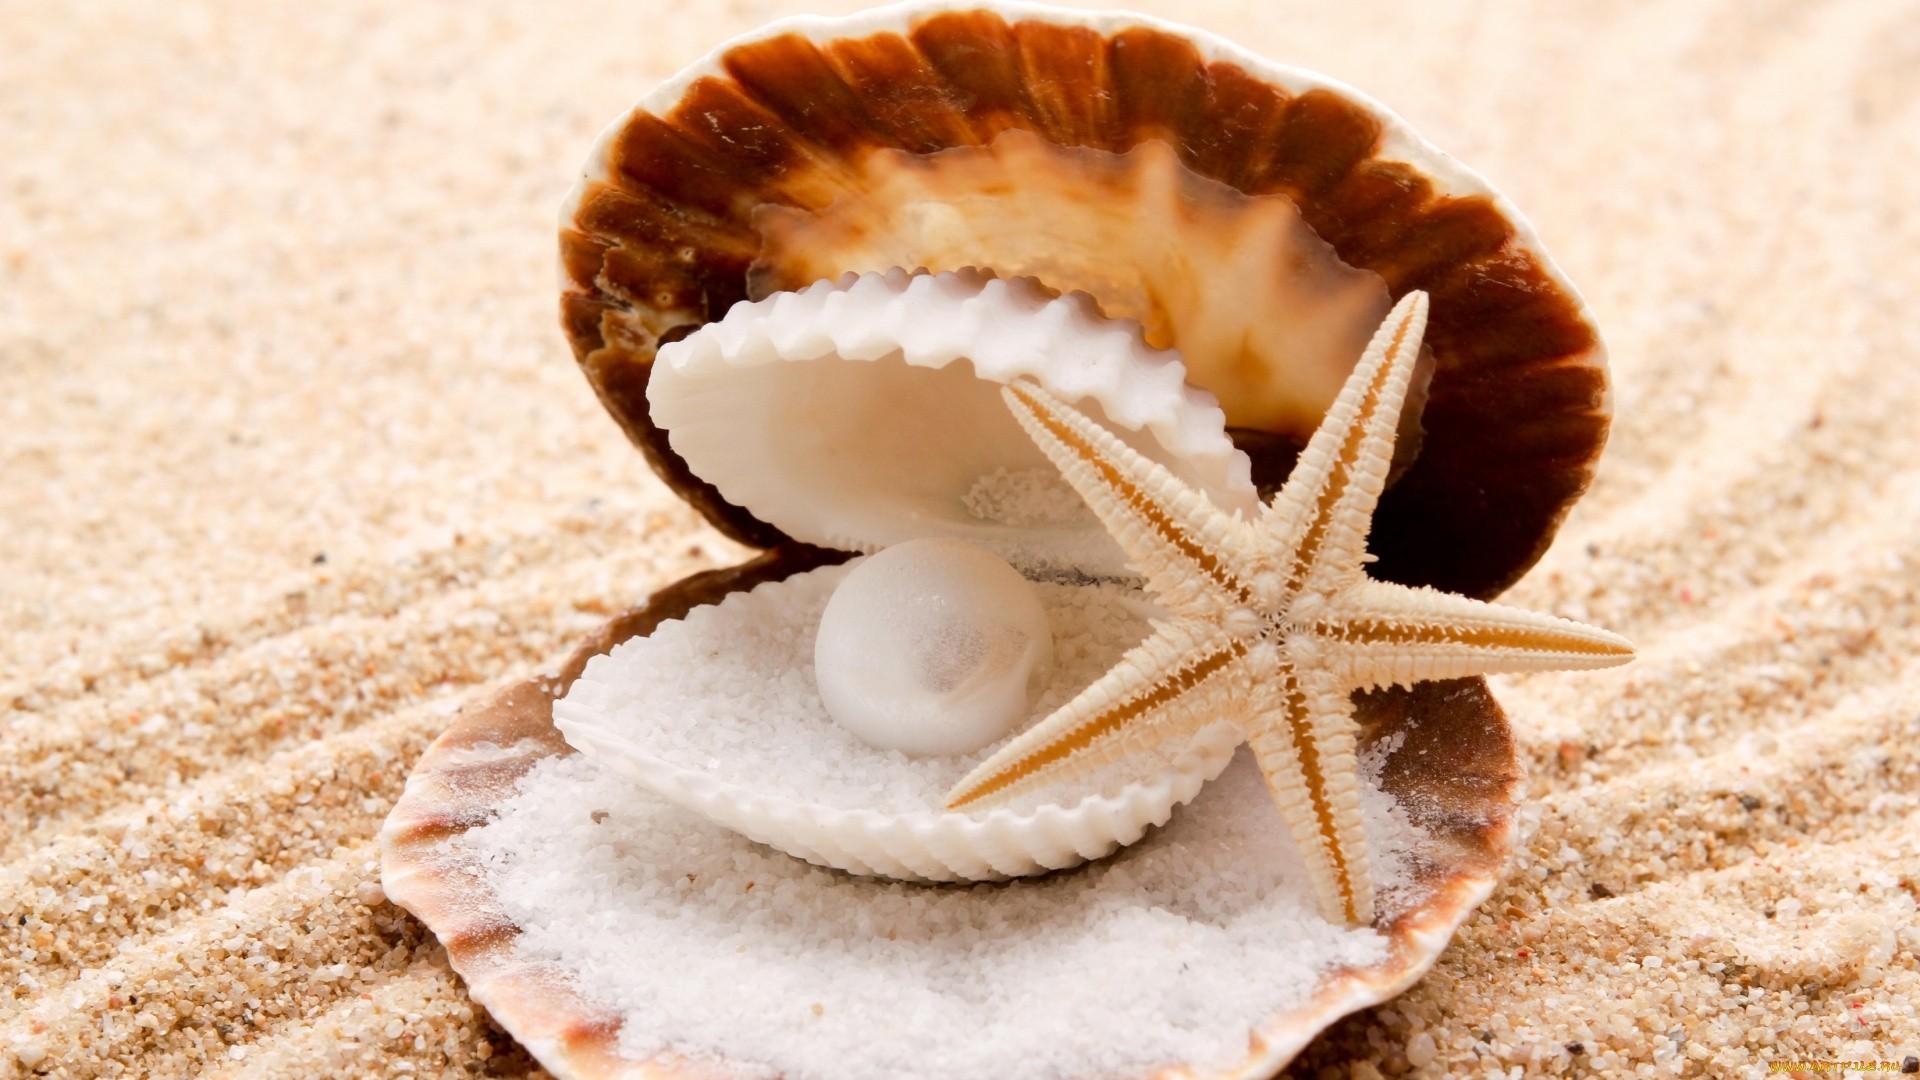 Seashell wallpaper for pc